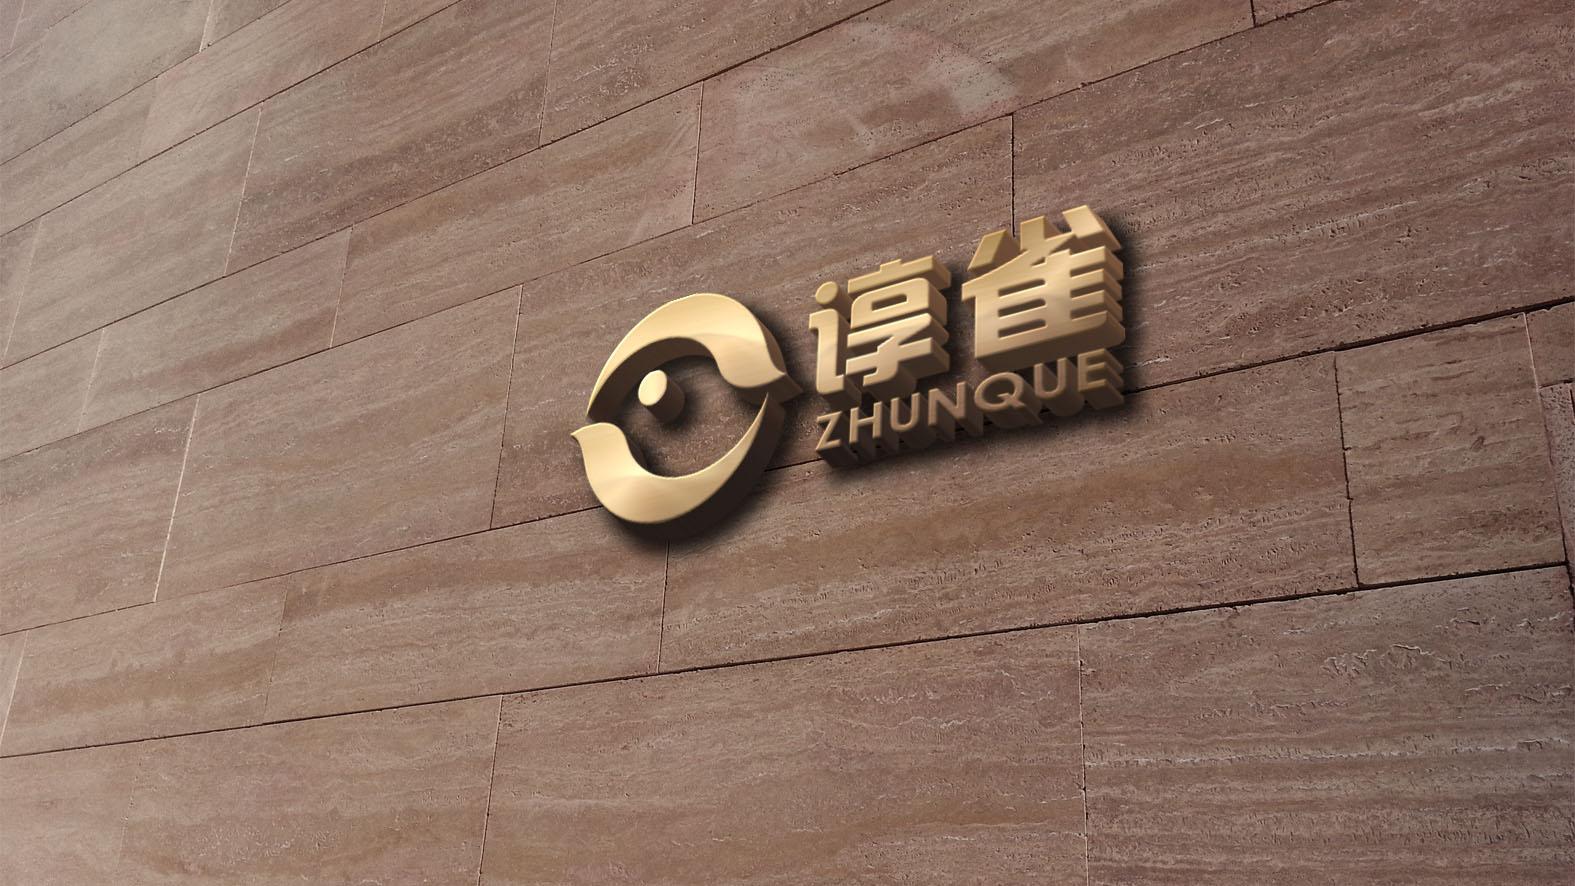 保健食品logo设计_3037954_k68威客网